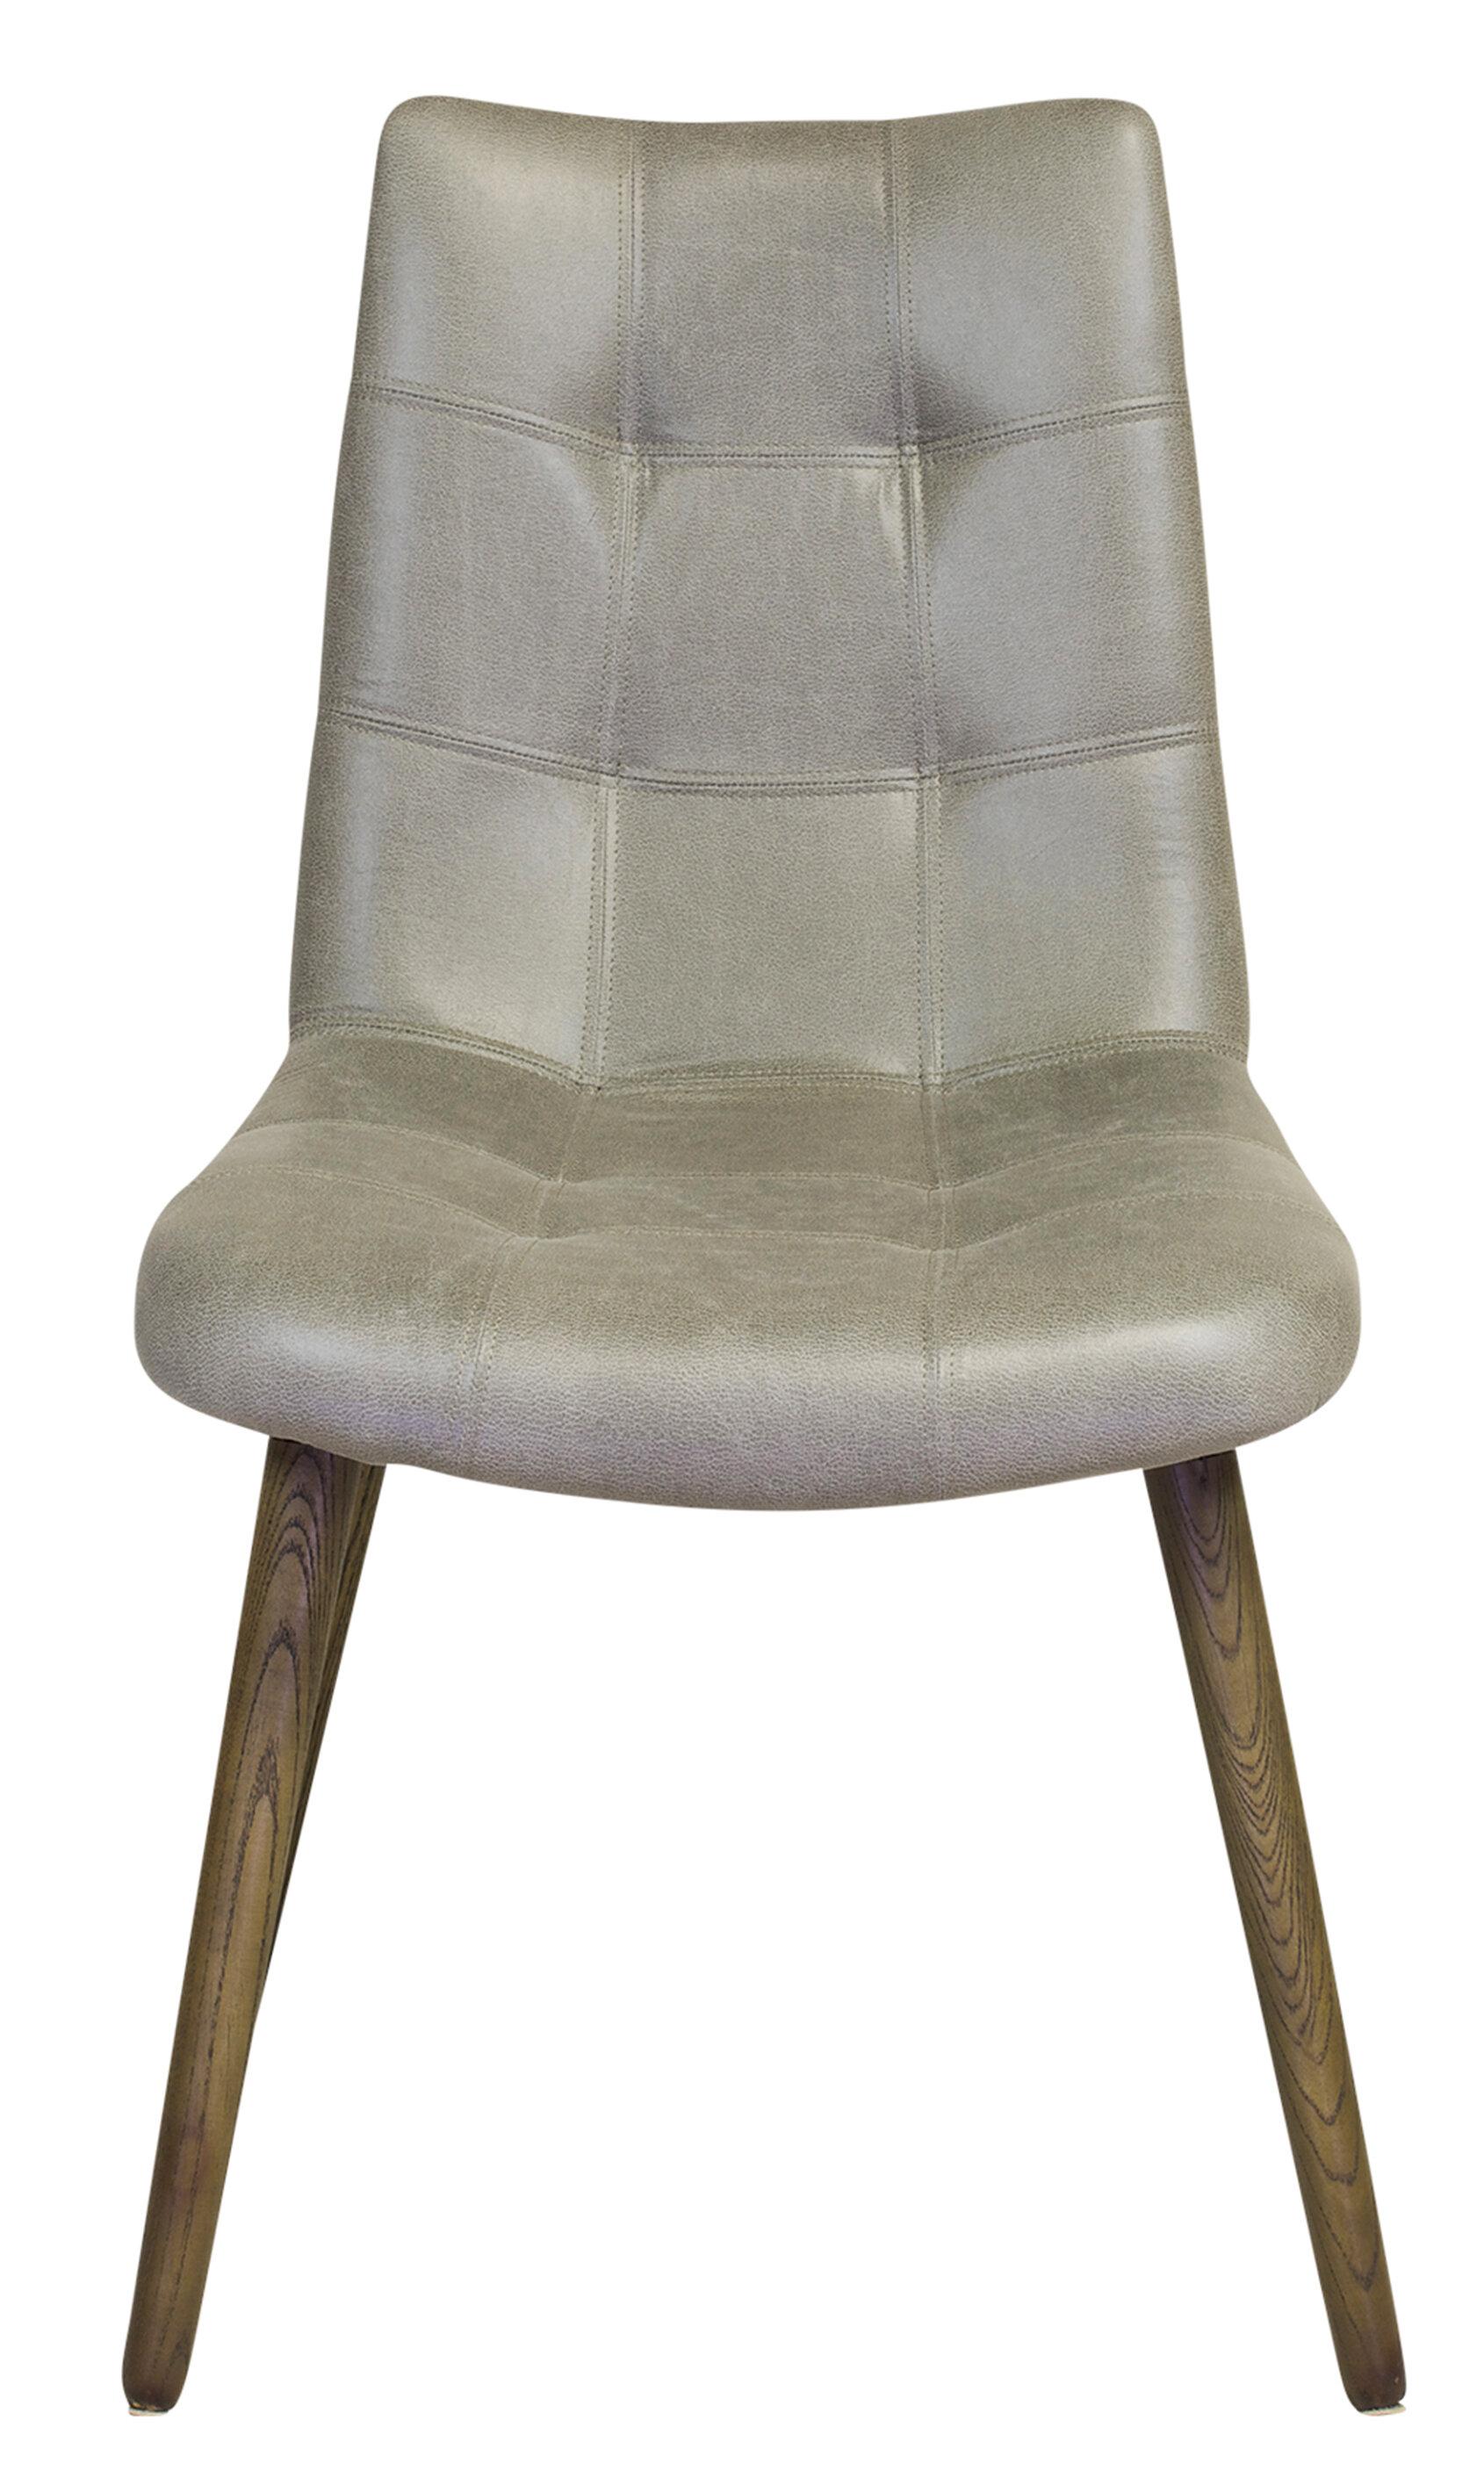 Merveilleux Design Tree Home Havana Side Chair | Wayfair